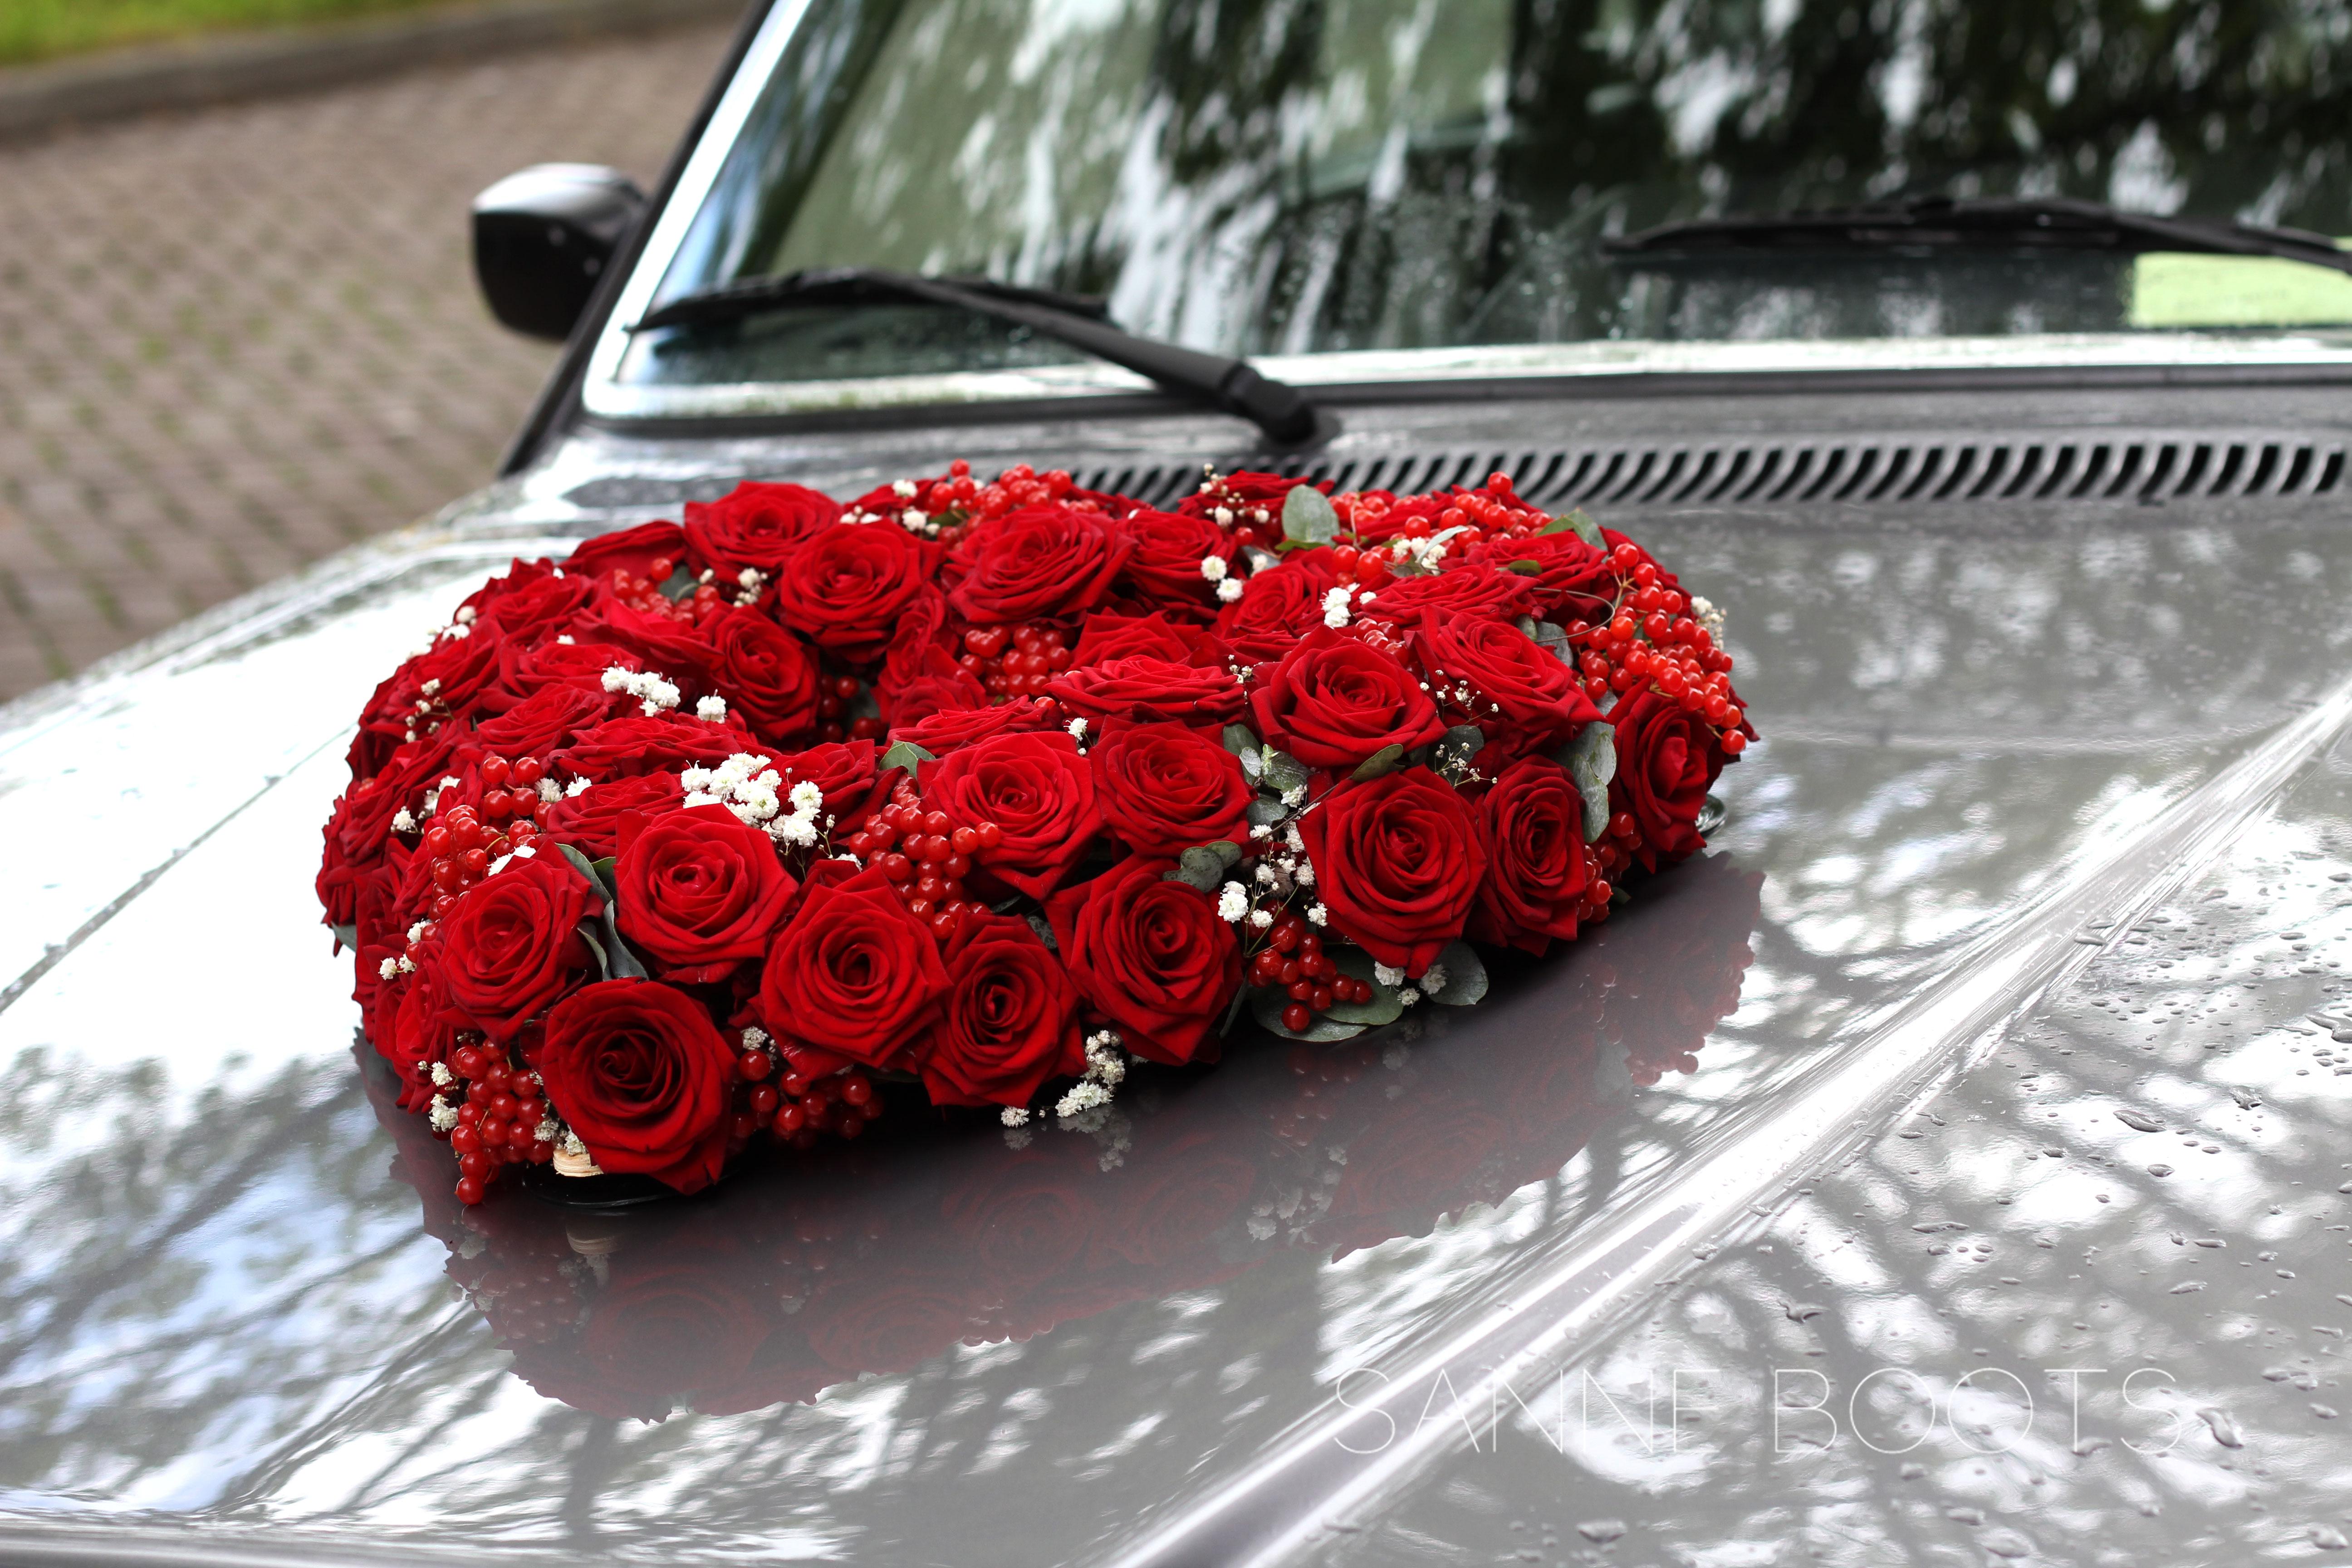 Hartvormig autocorso | Rondrijden met een zee van rozen op de motorkap